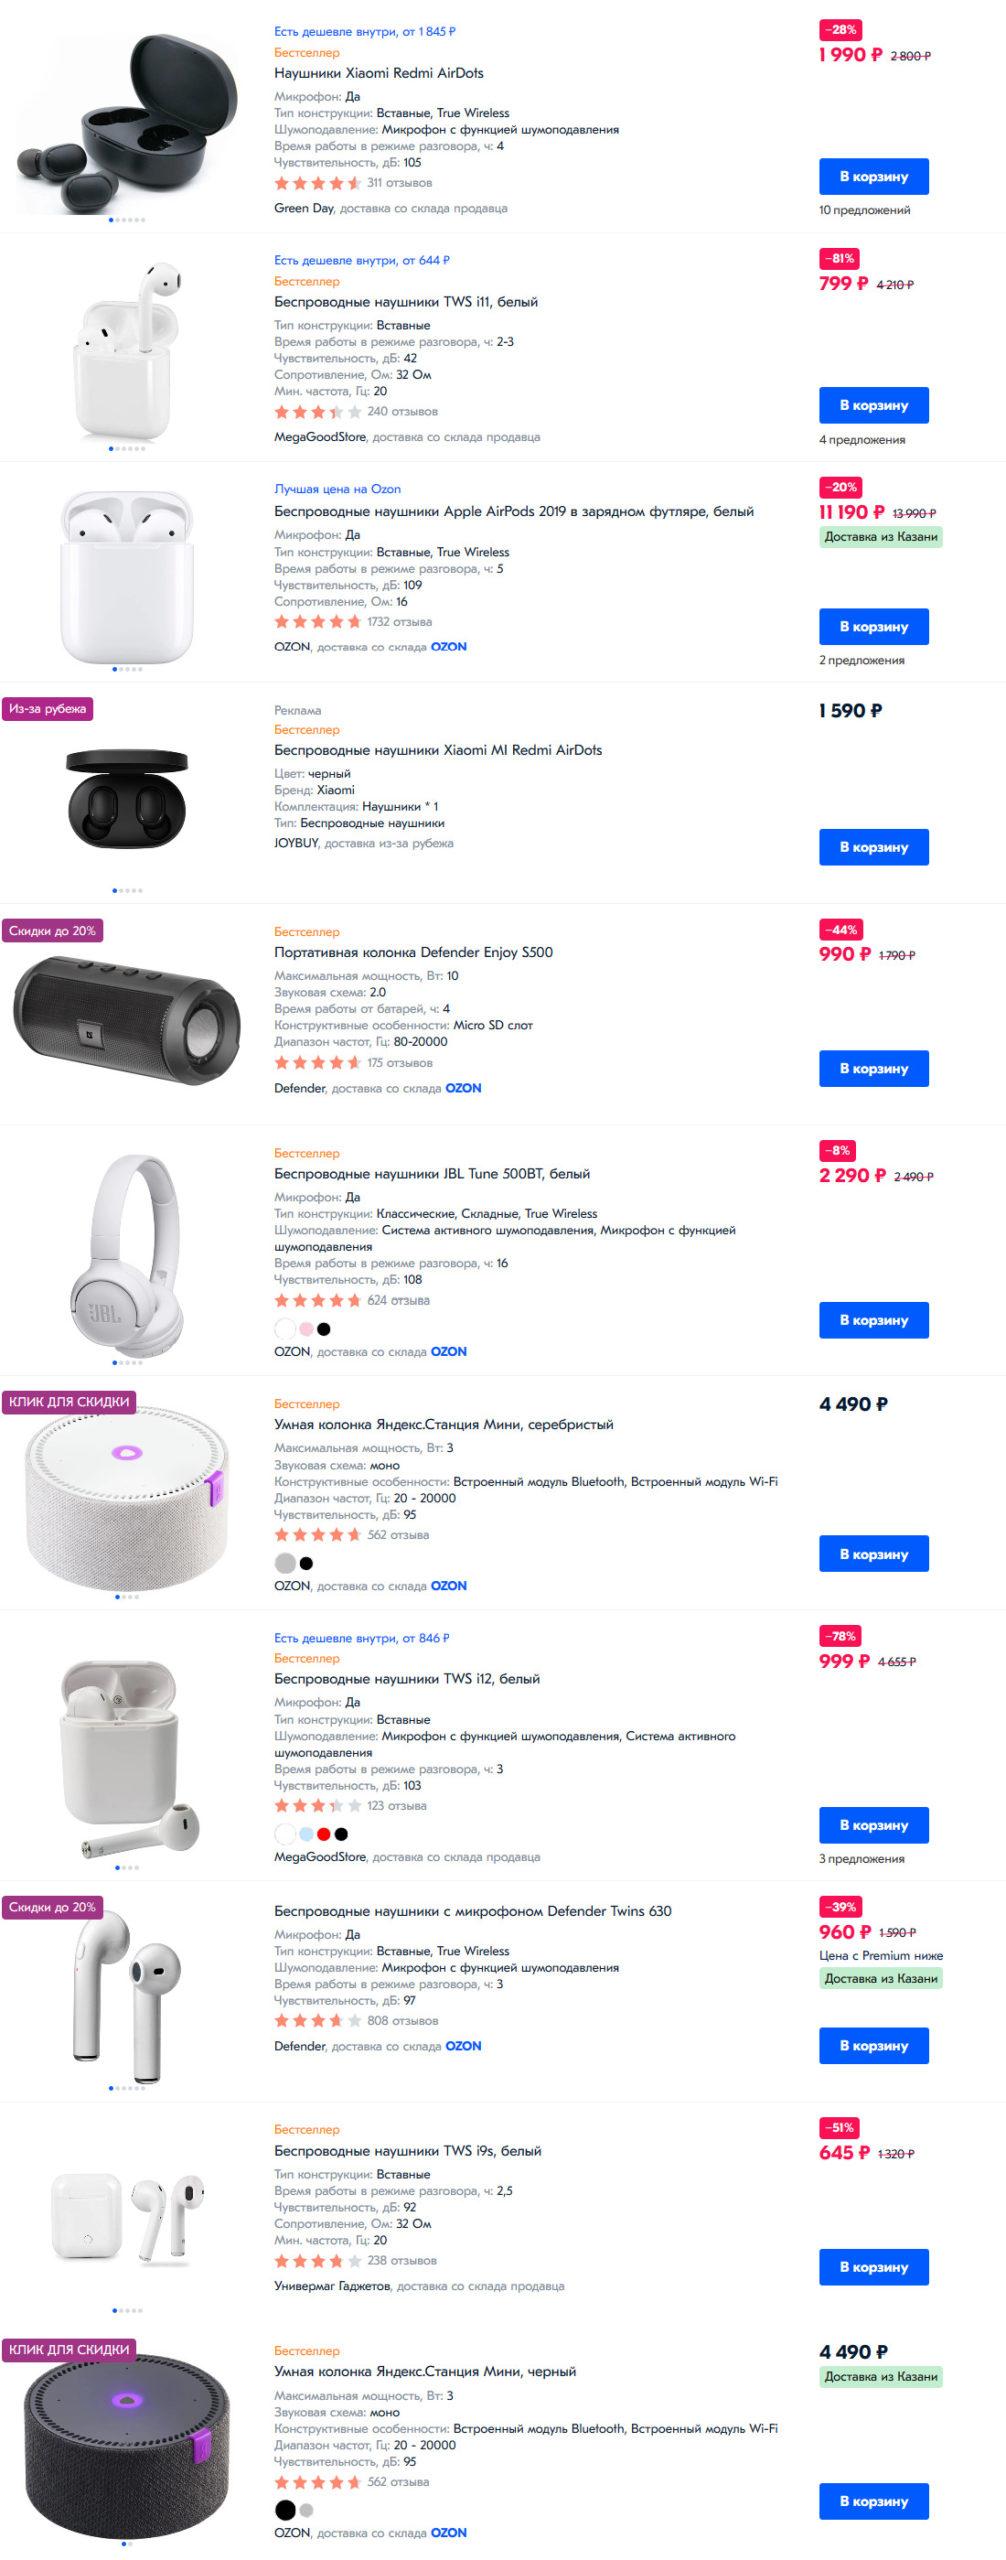 Наушники и аудиотехника в Озон